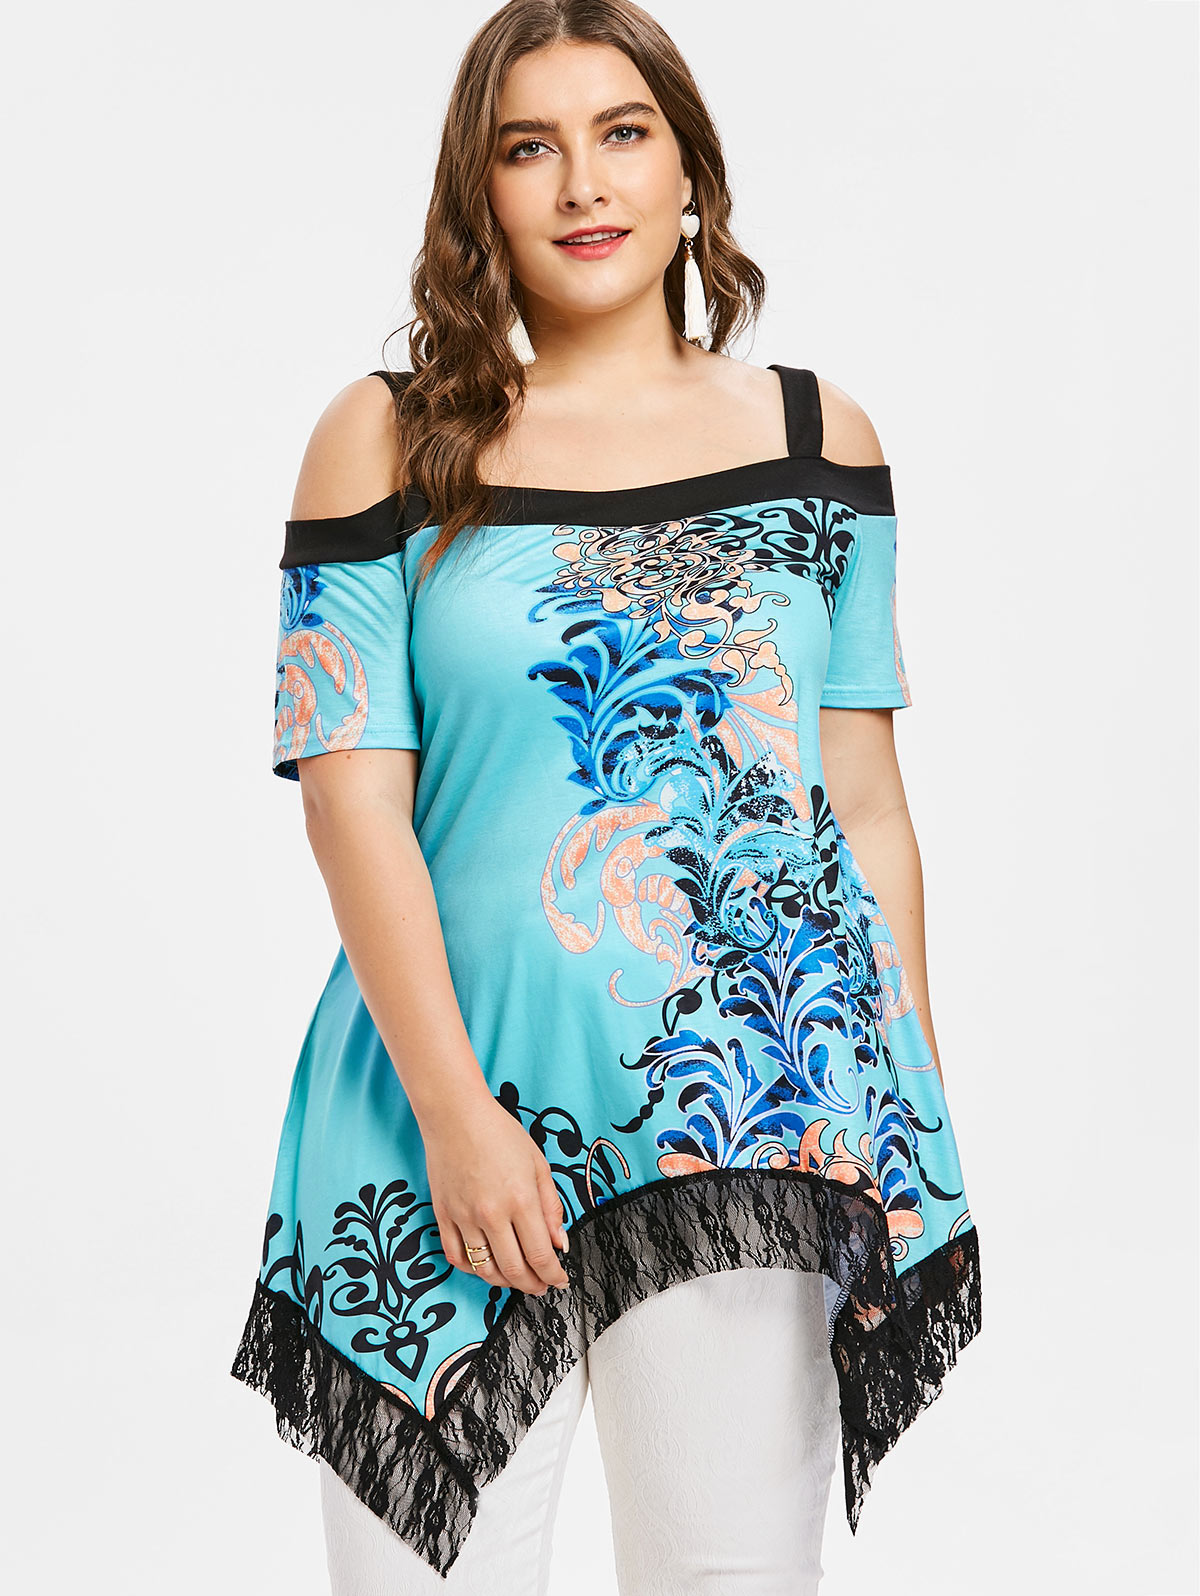 Kenanxy 4XL Plus Taille Mouchoir Fleur T-shirt Femmes Froid Épaule En Dentelle Floral T-shirt